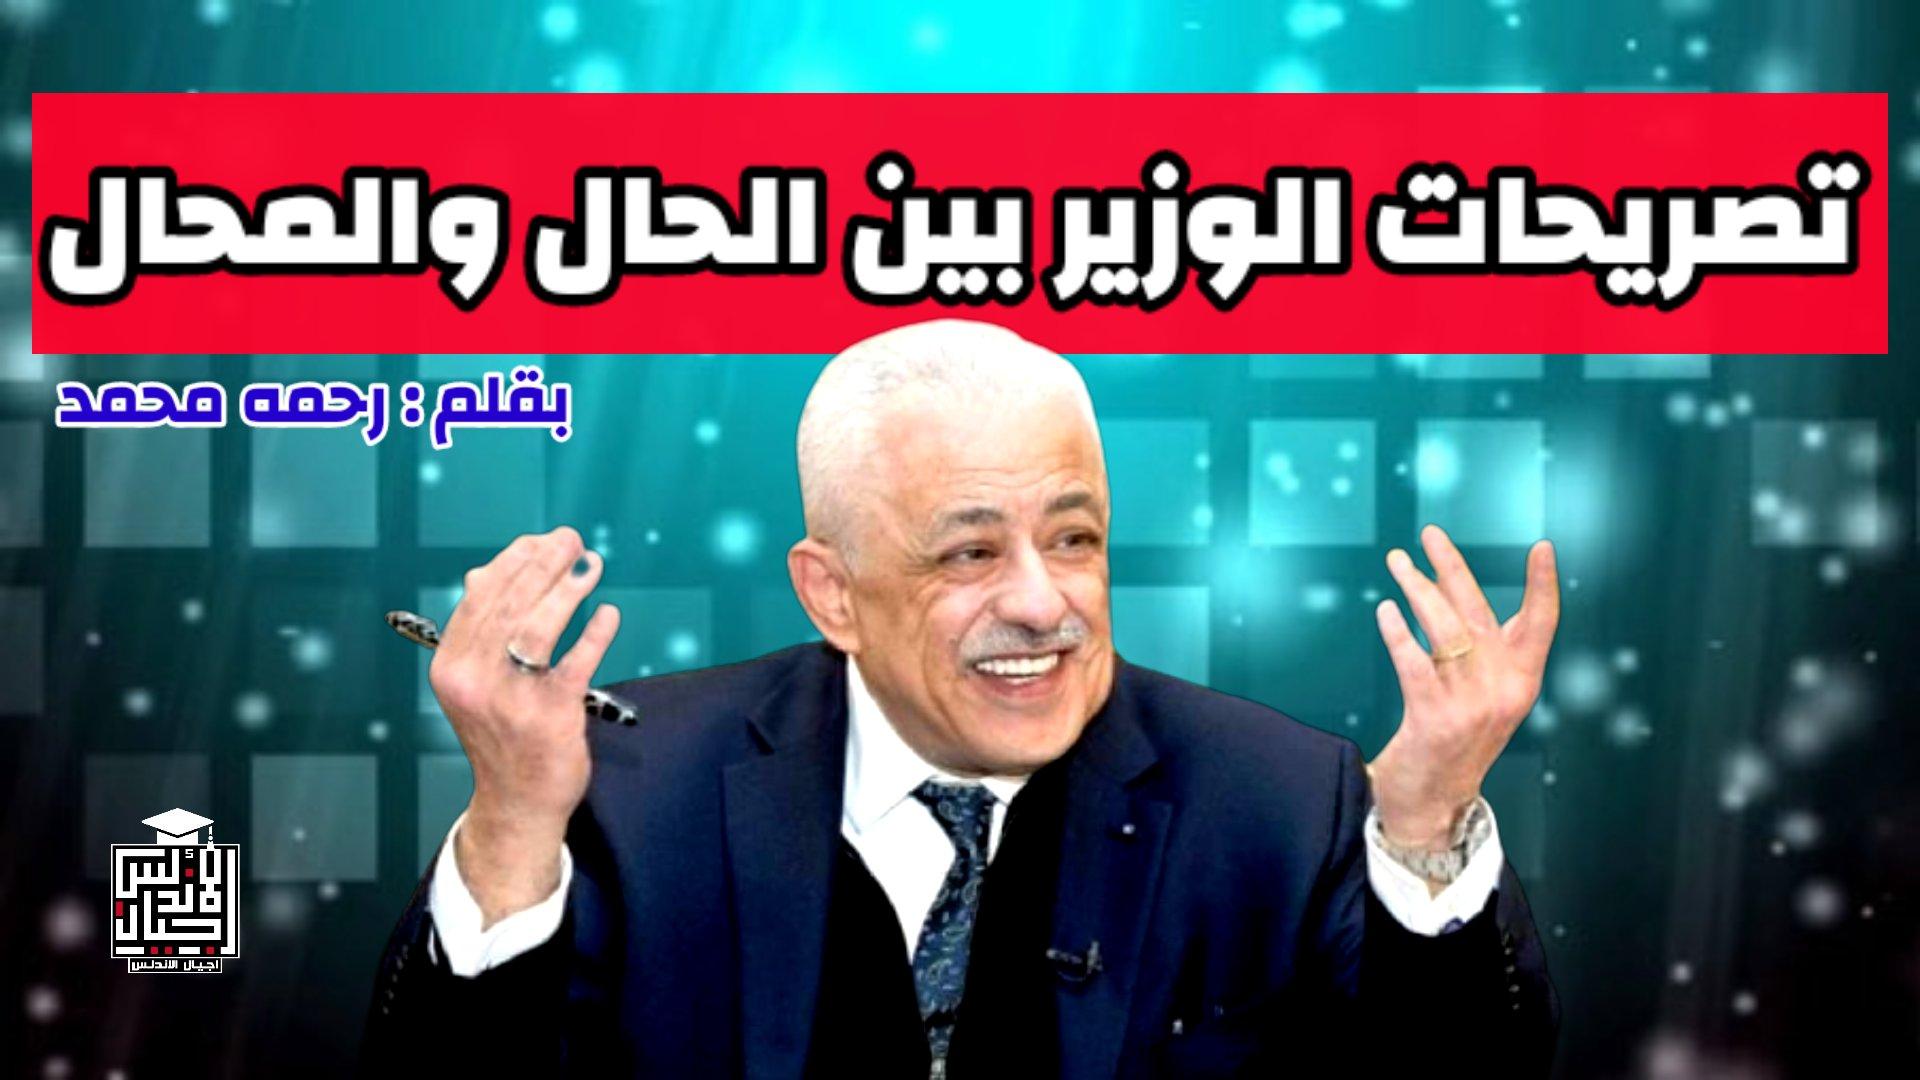 تصريحات وزير التعليم بين الحال والمحال ( اجيال الاندلس )